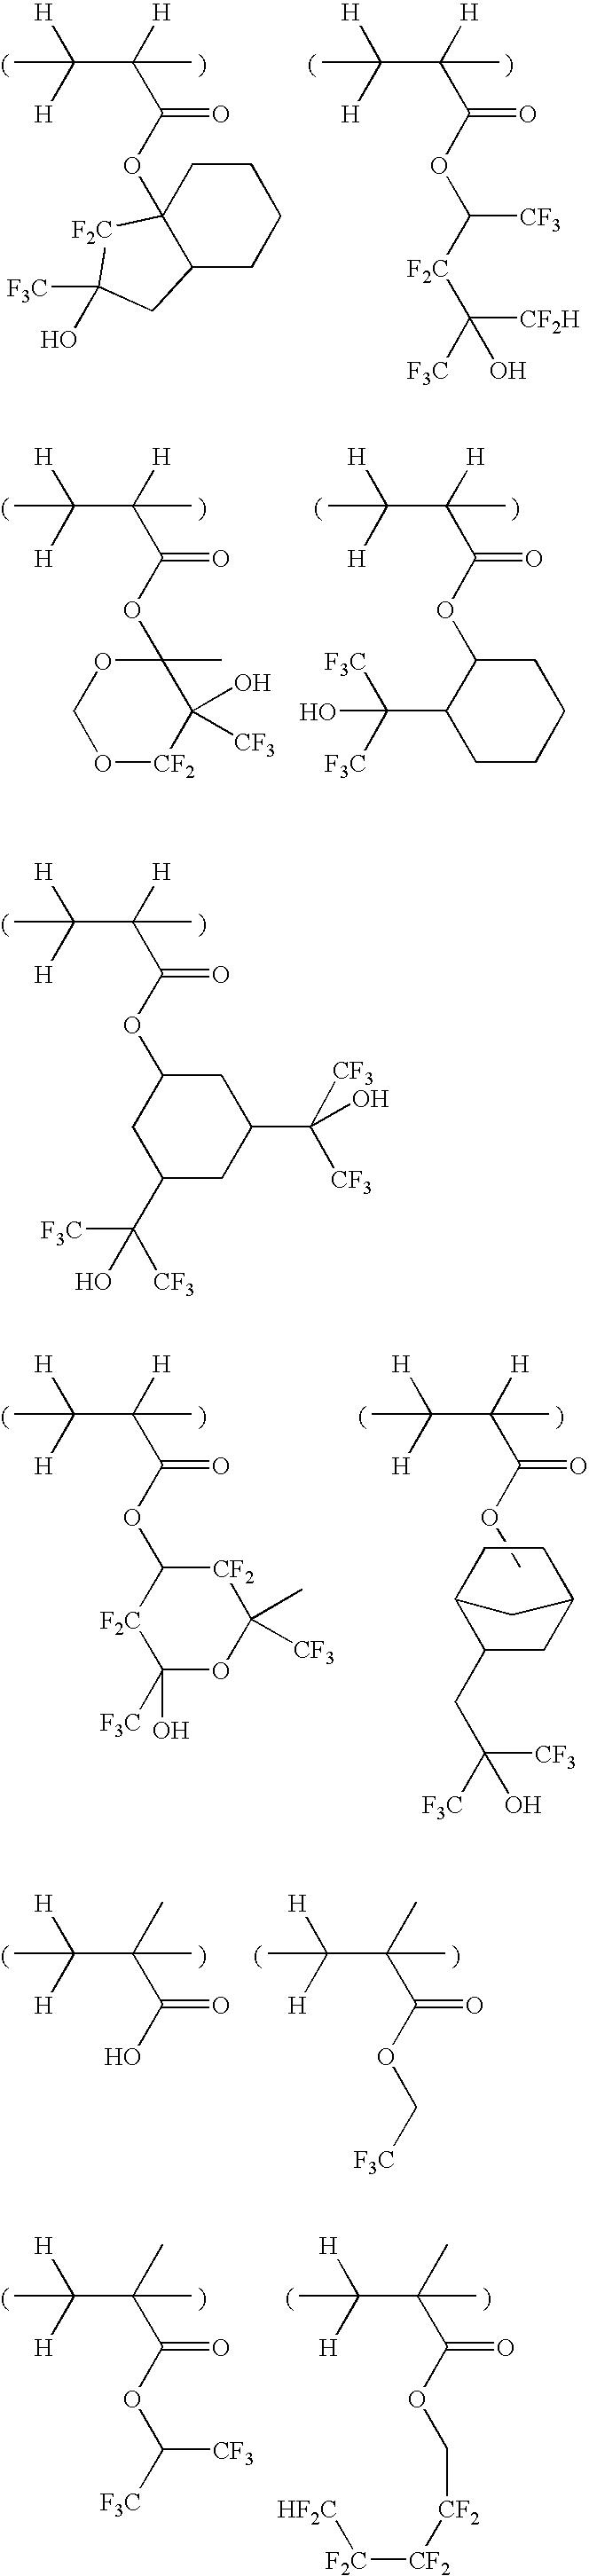 Figure US07537880-20090526-C00034